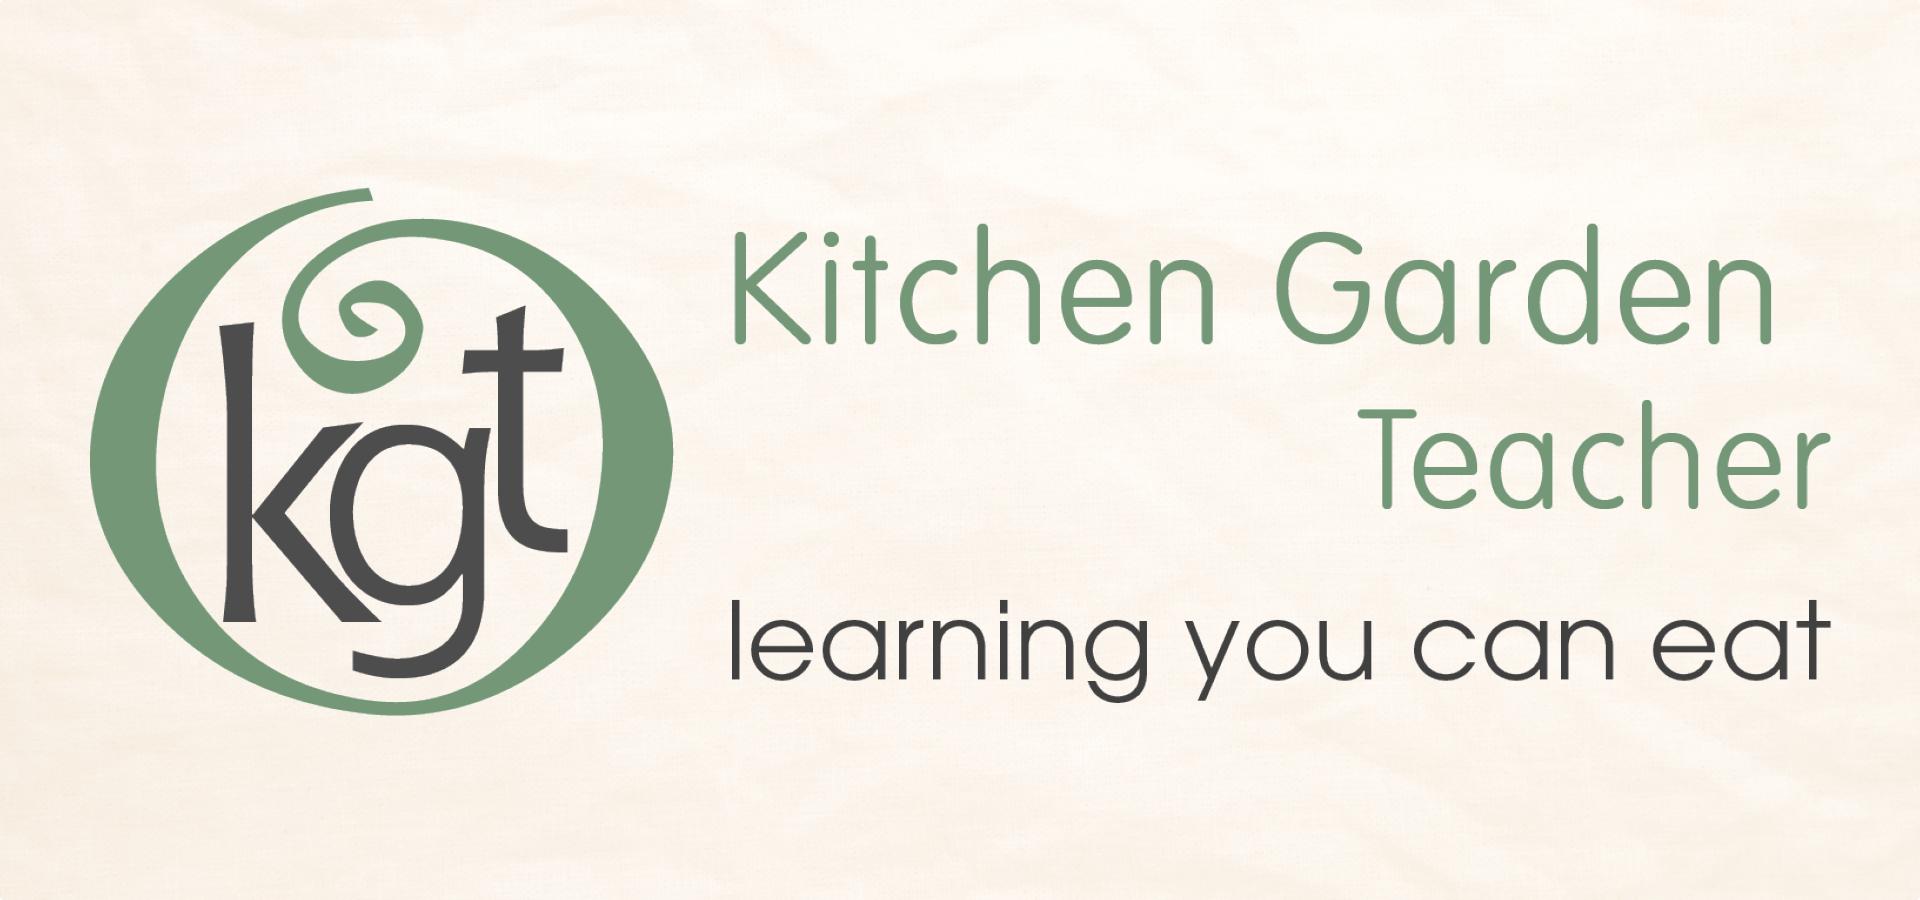 Kitchen Garden Teacher